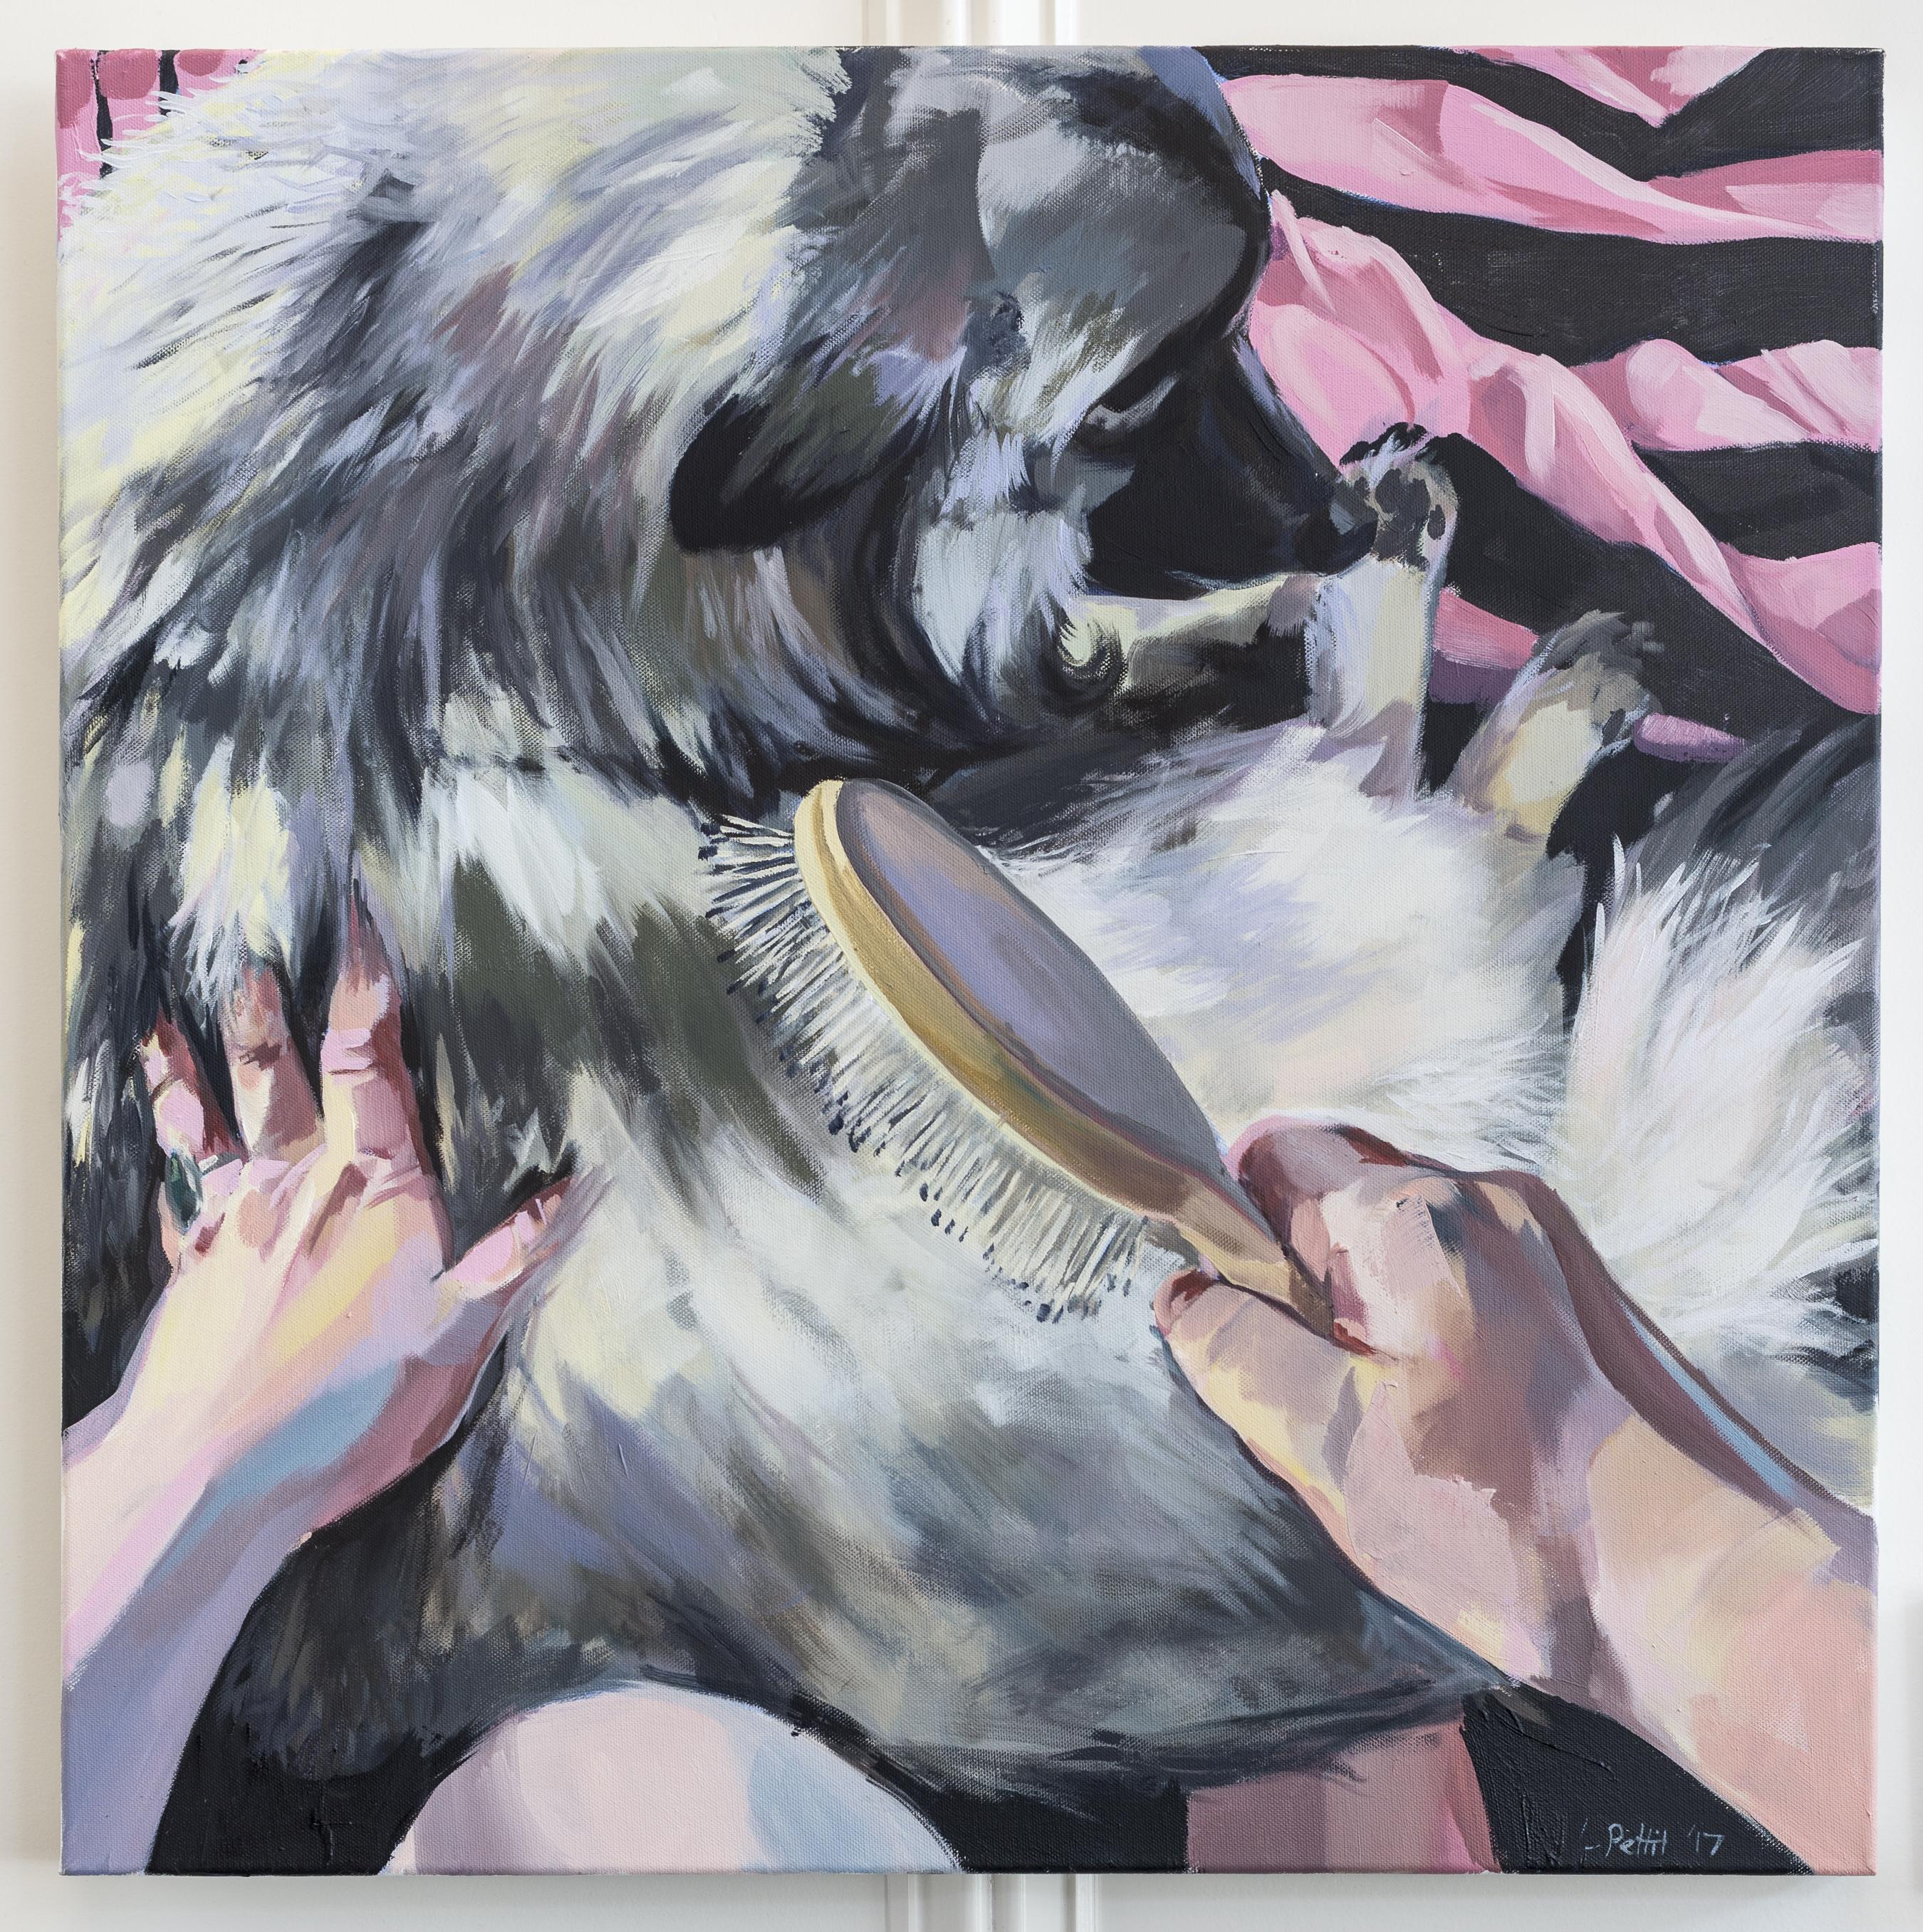 Painting, Portrait, Self Portrait, dog, brushing, animal